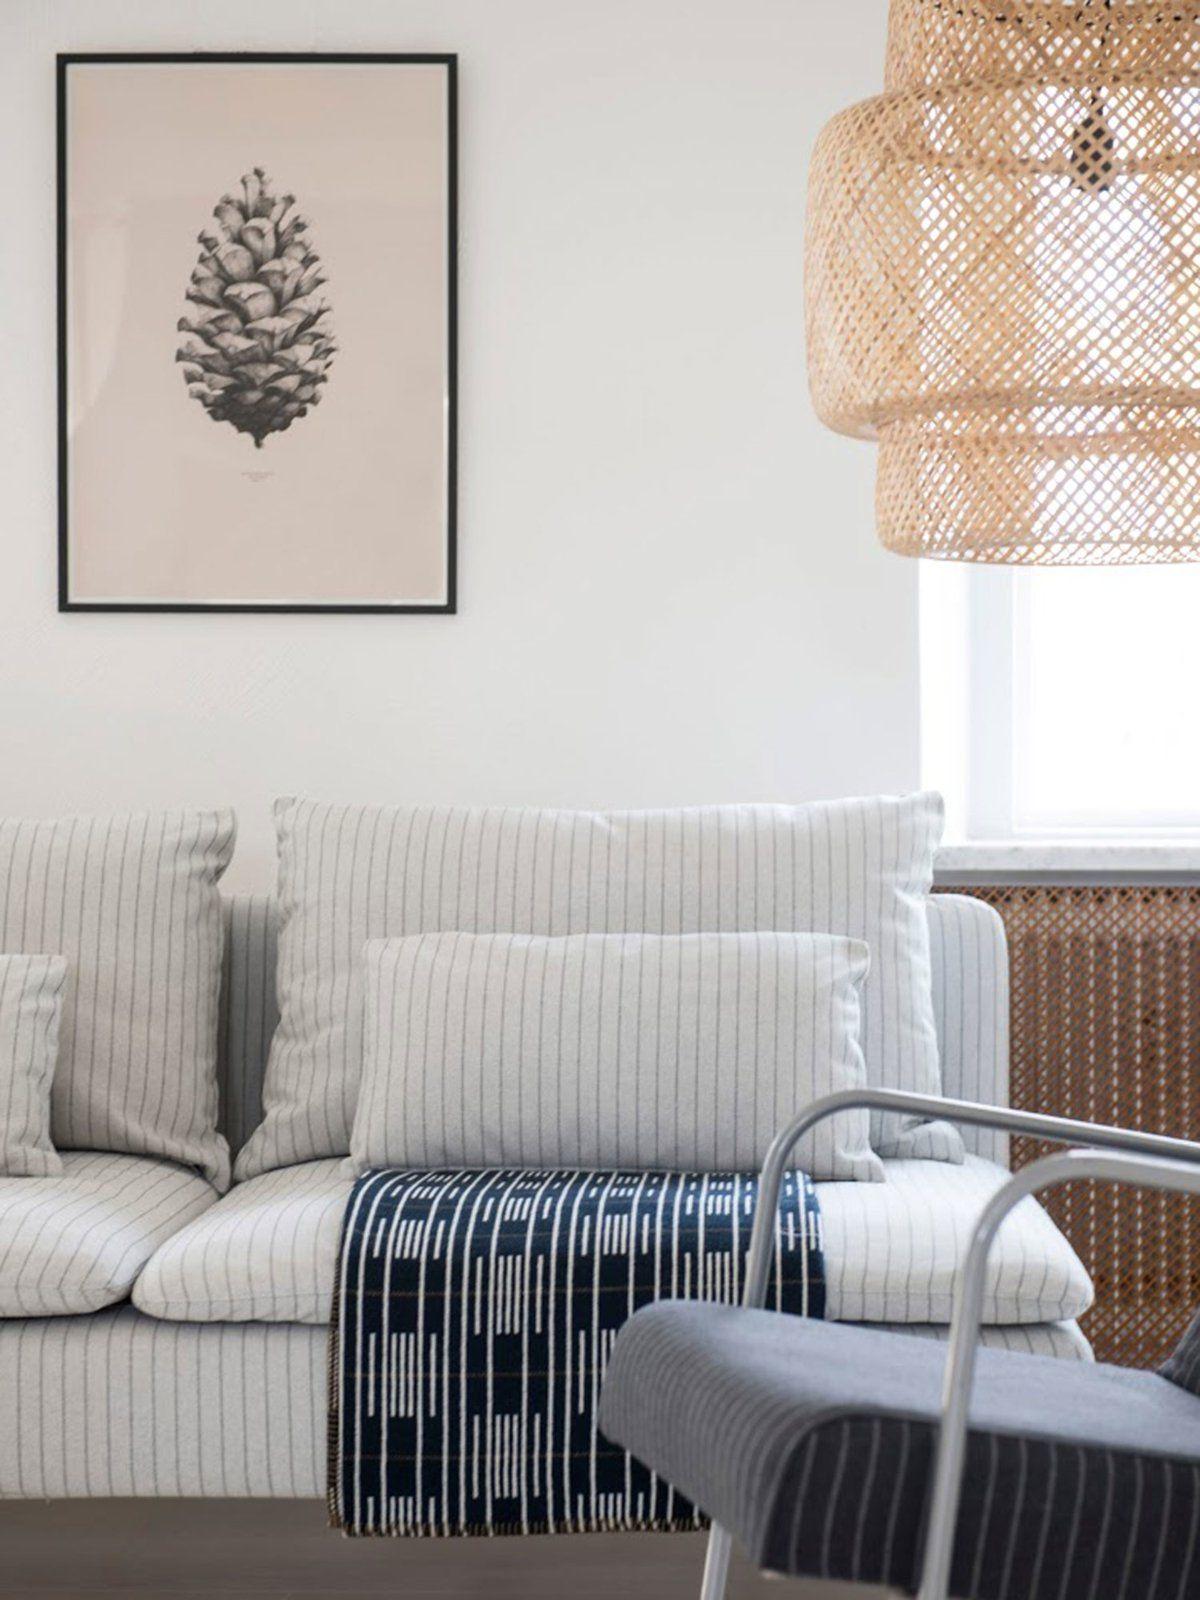 Manchmal Reicht Ein Neuer Überzug: Bemz.com Bietet Hochwertige Überzüge Für  IKEA Möbel